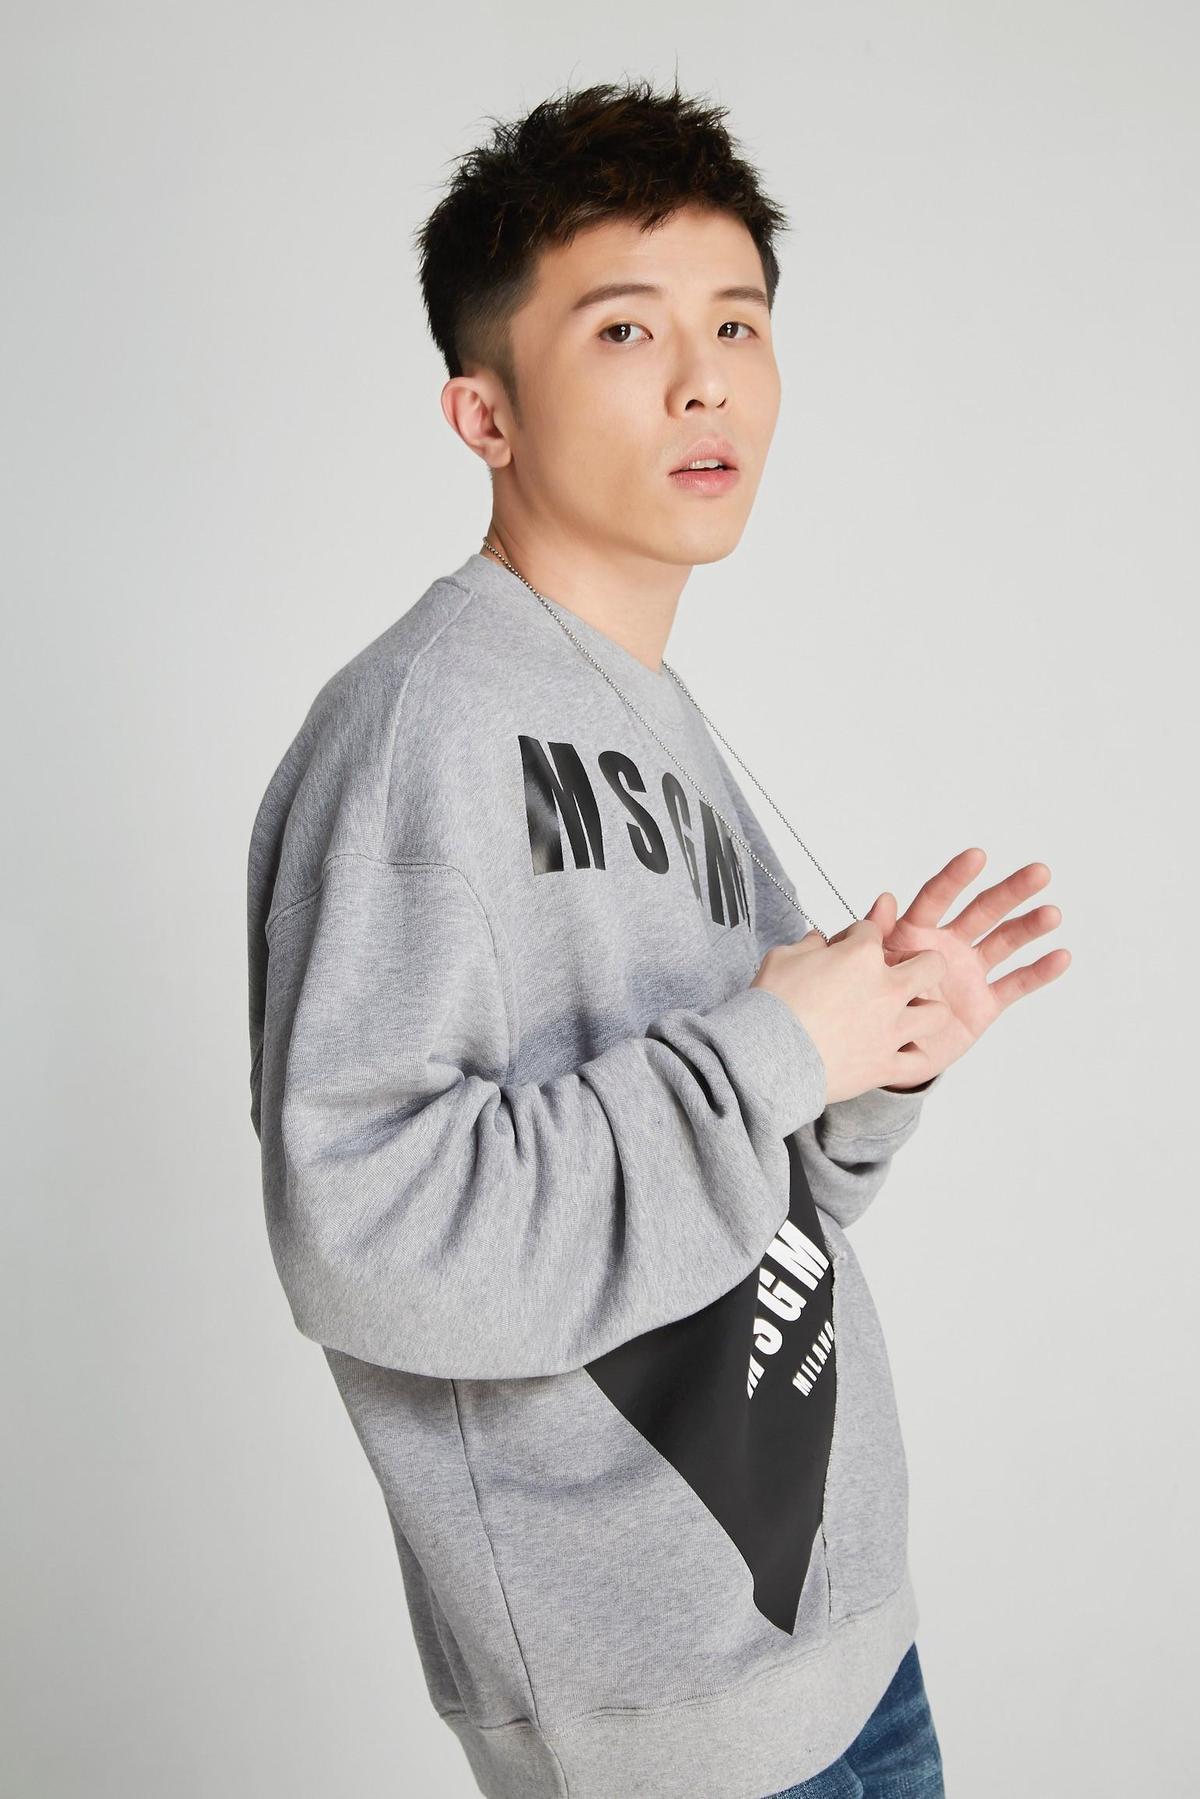 全能音樂人宋念宇擔綱海選評審,他認為唱得好不一定要很會飆高音。(量子娛樂提供)